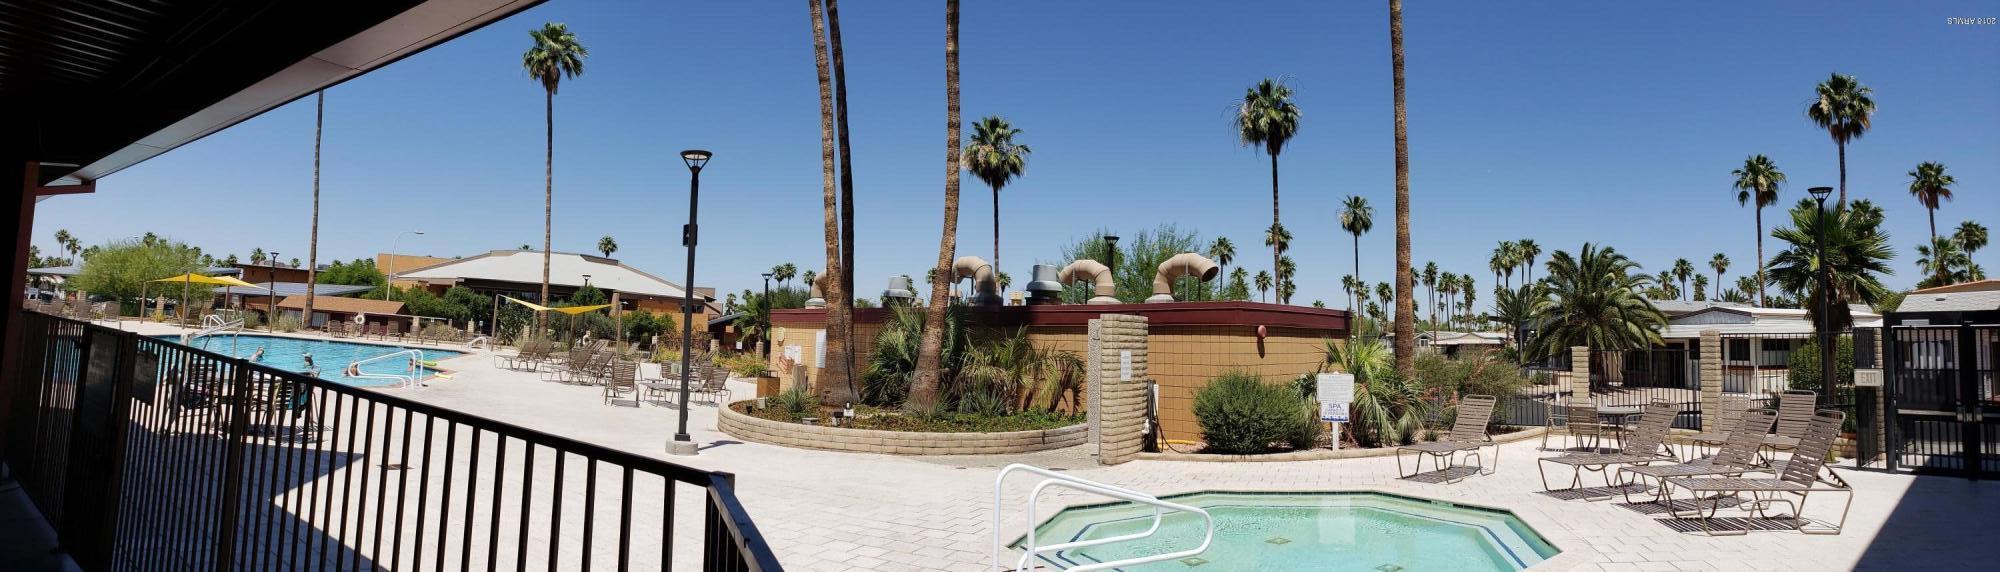 MLS 5770190 504 NAVAJO Road, Mesa, AZ Mesa AZ Private Pool